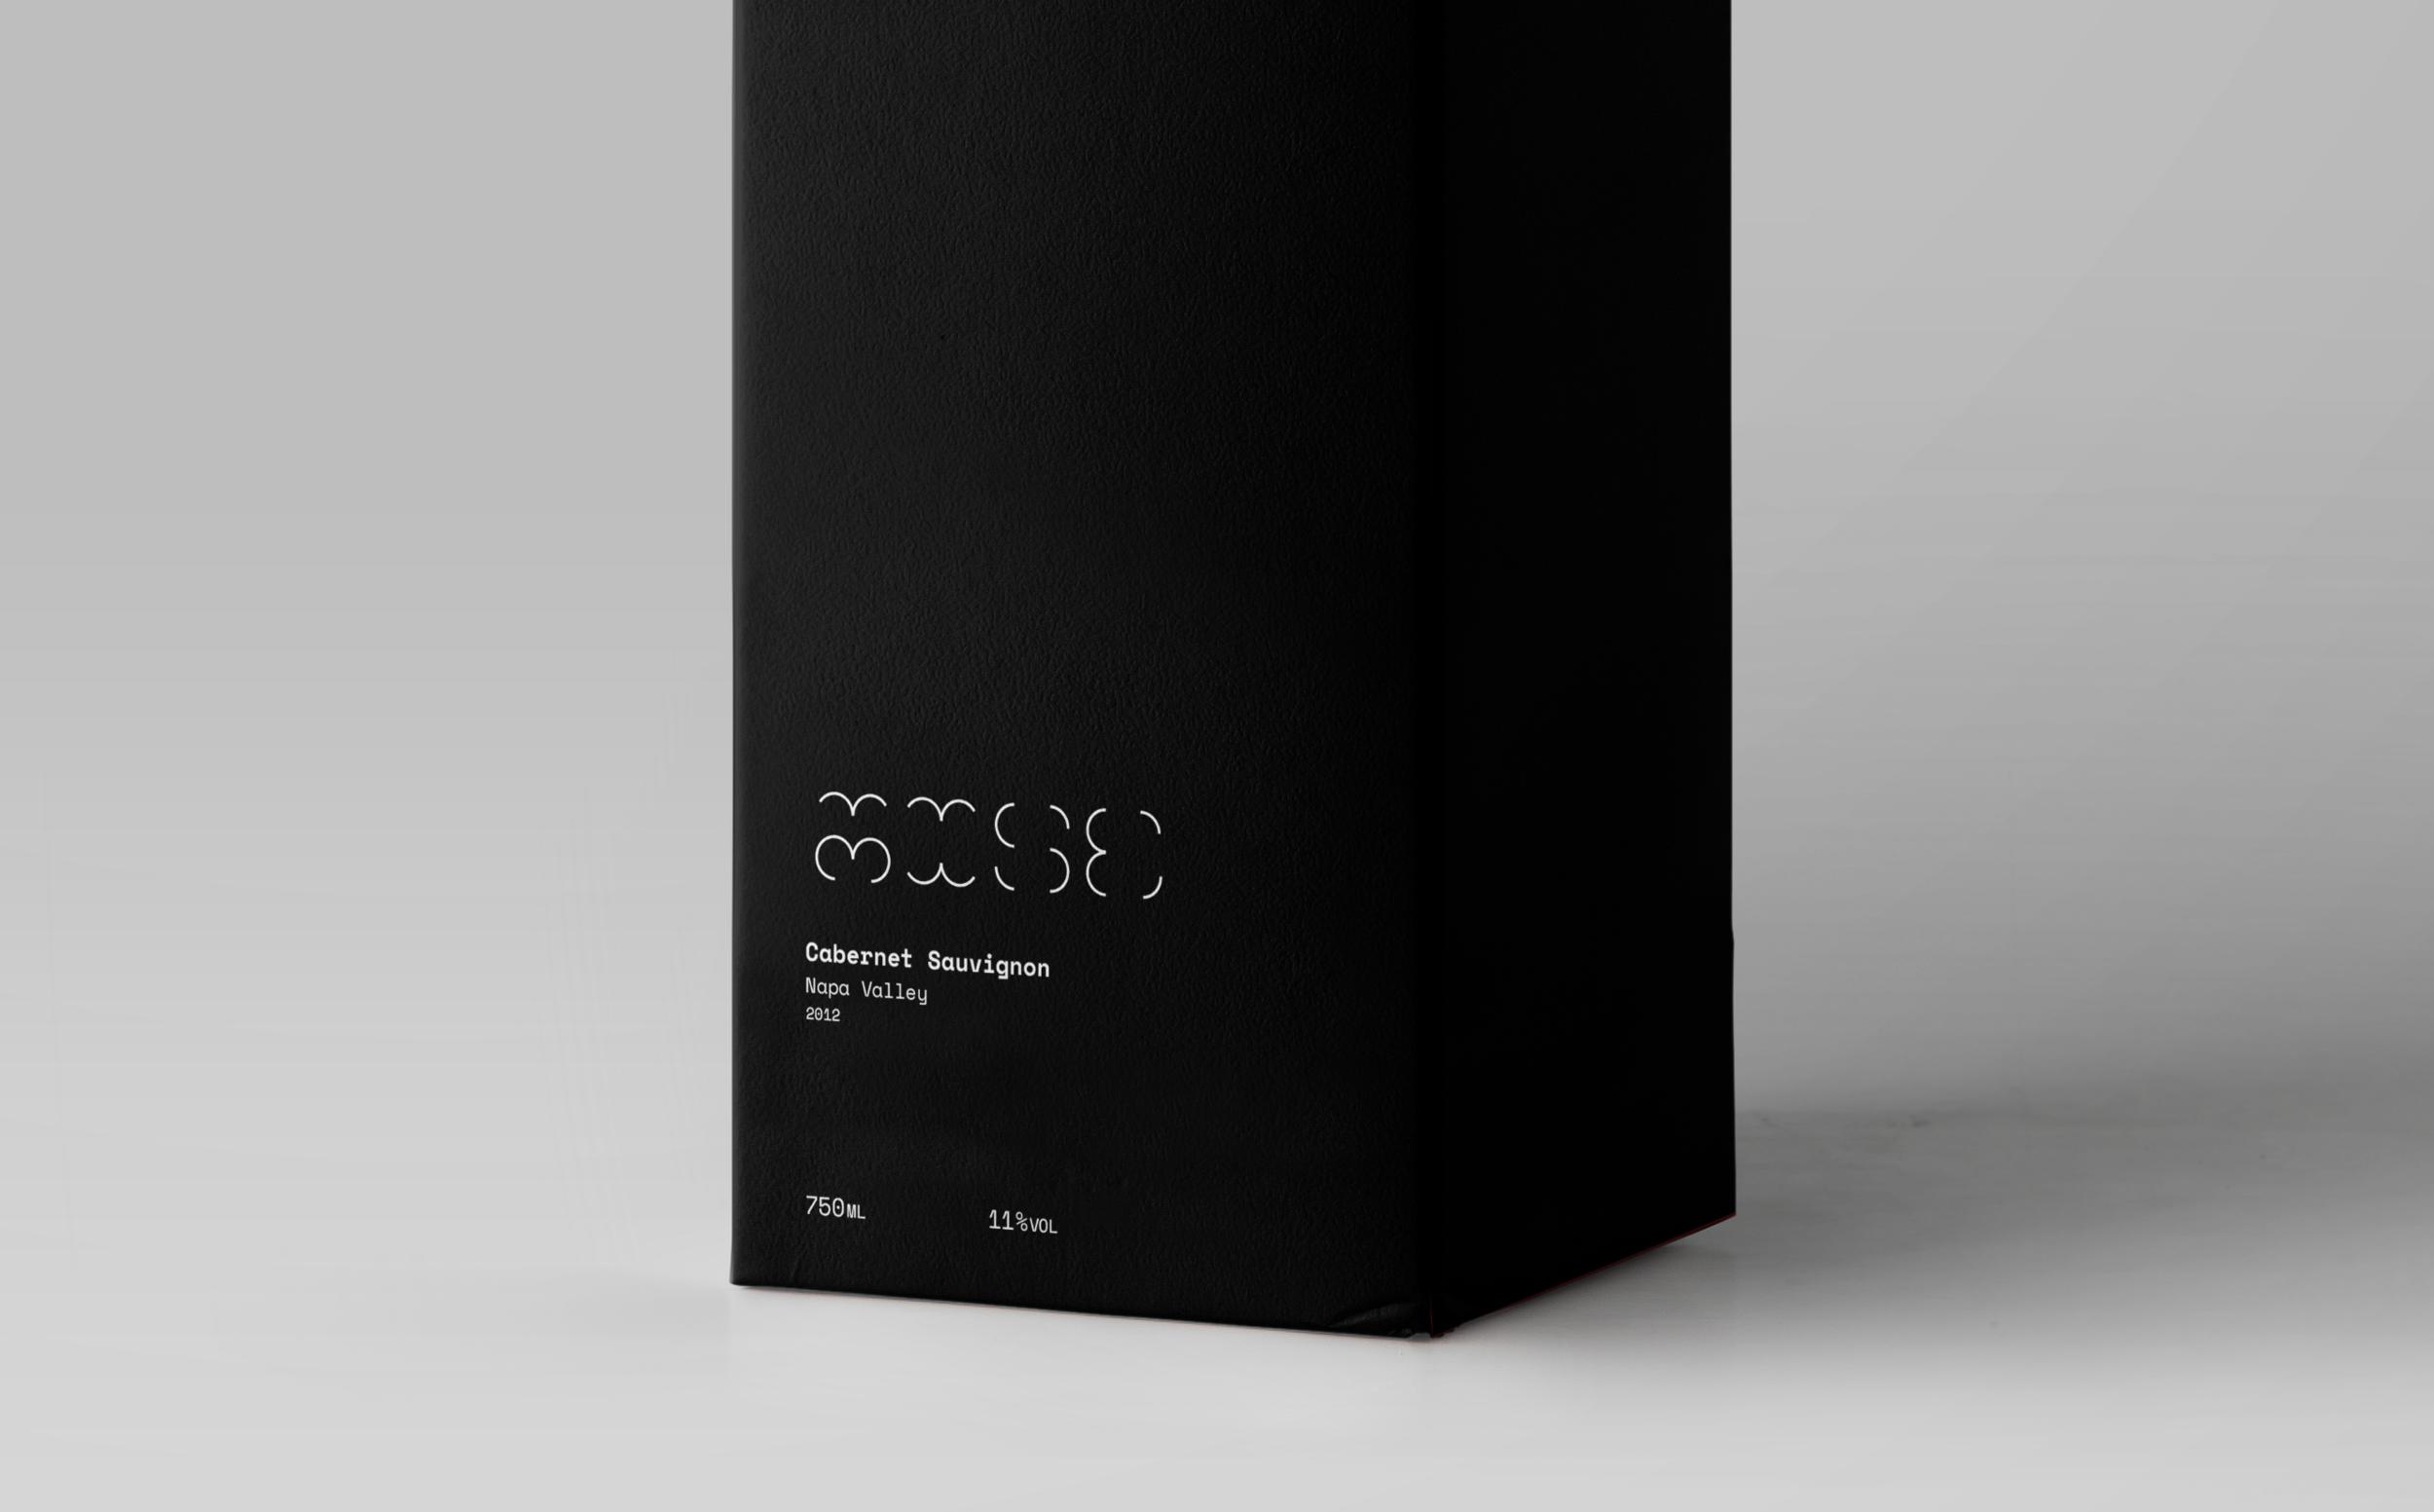 mise_black_box copy 3.png